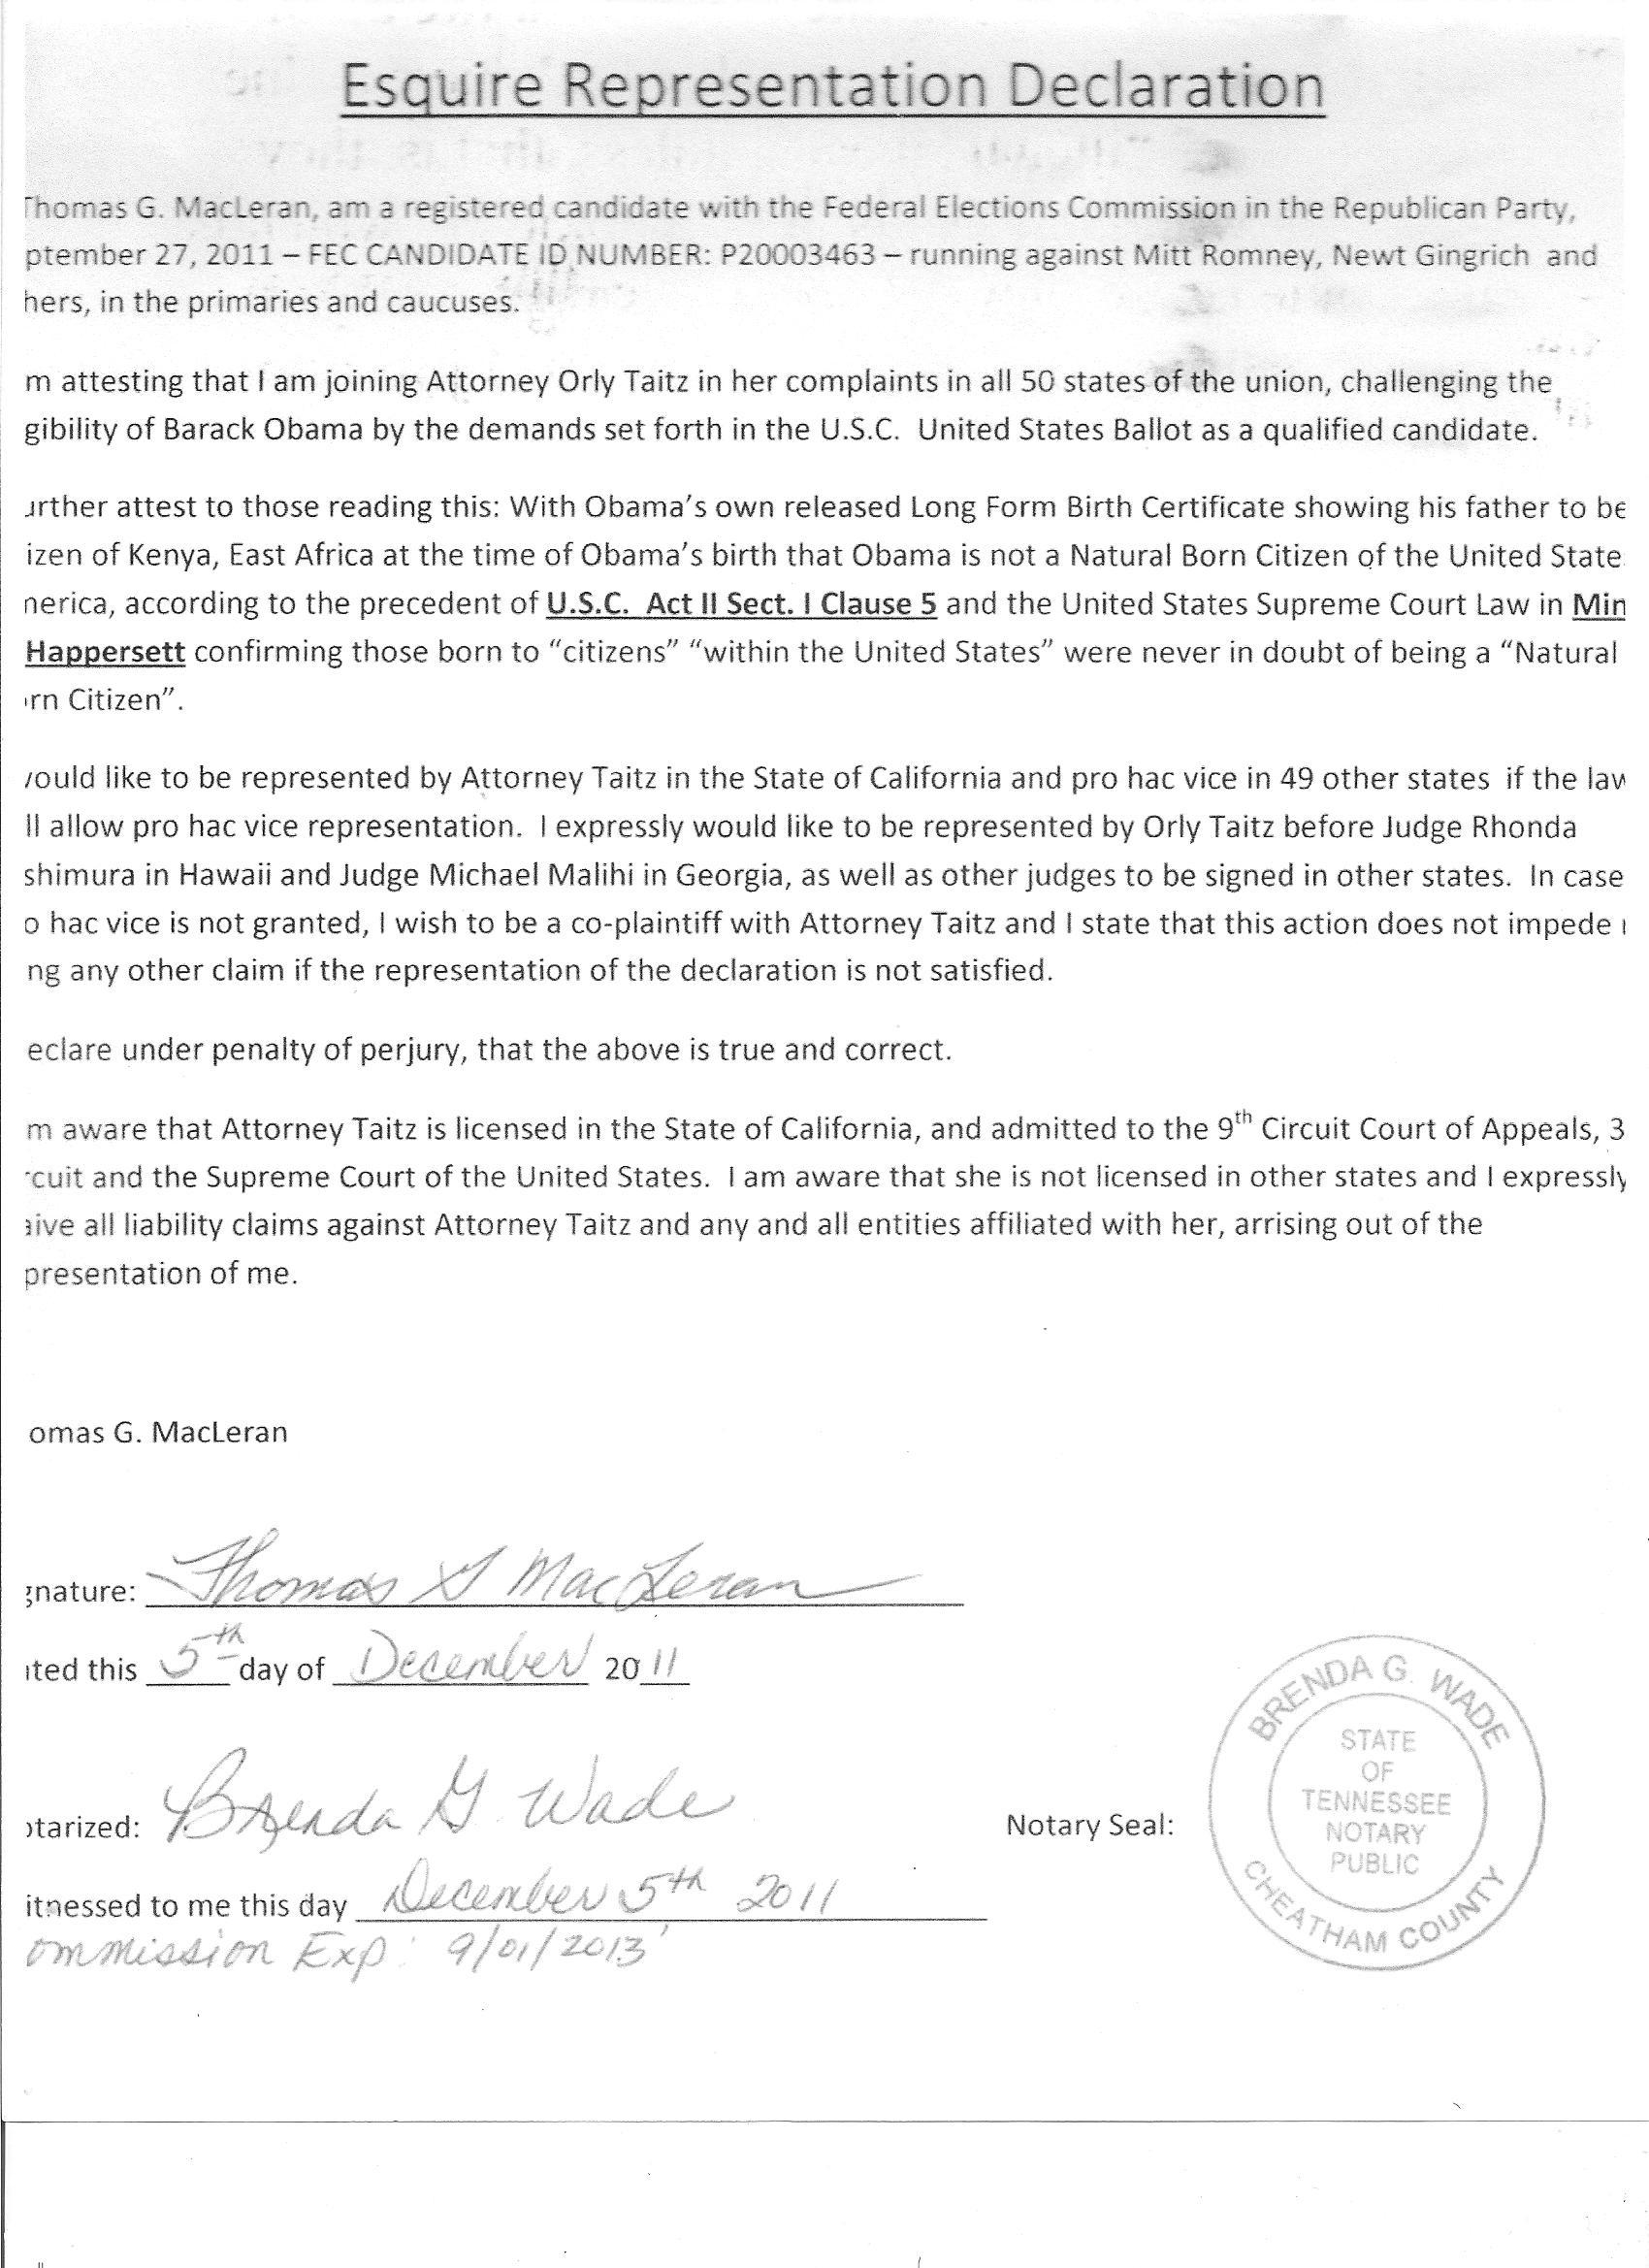 MacLeran Declaration 001